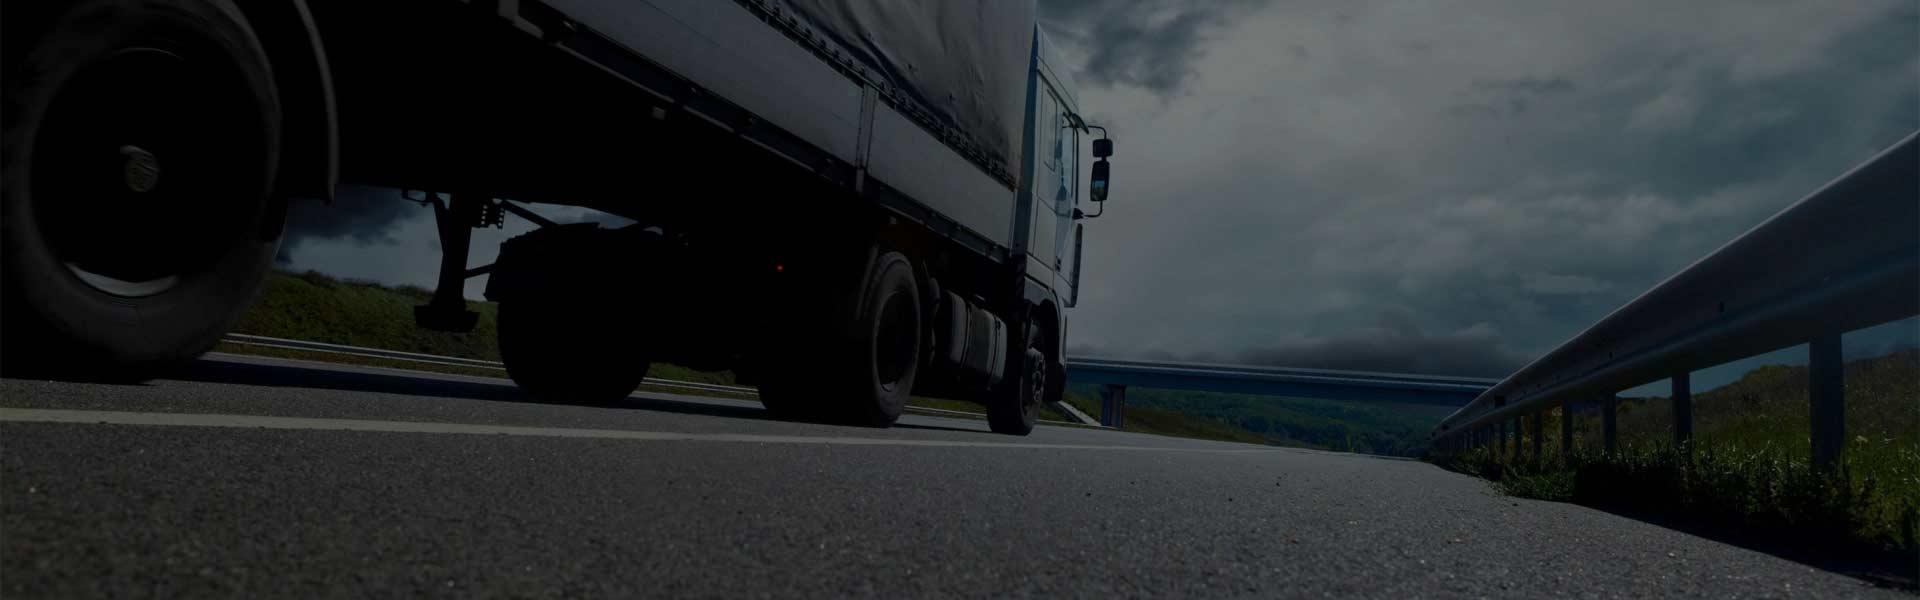 کنترل ناوگان حمل و نقل جاده ای